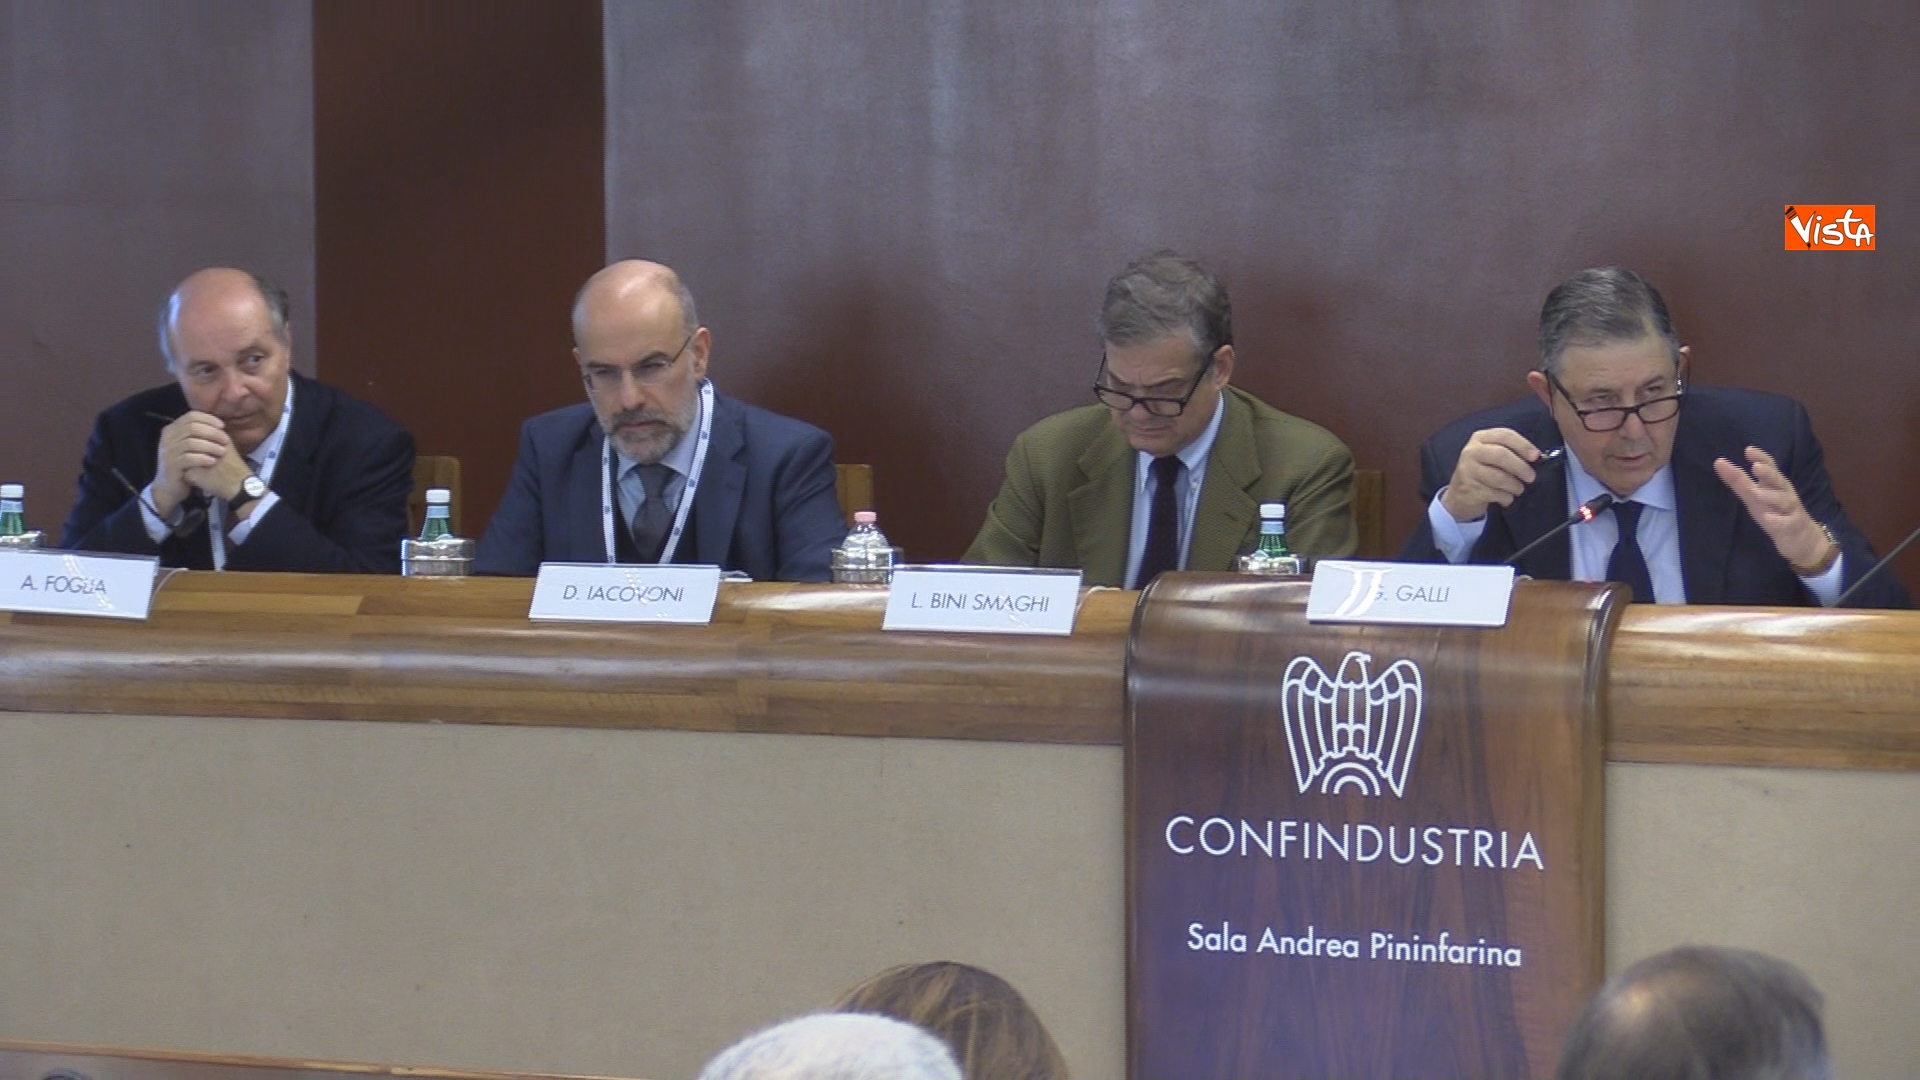 30-01-20 Boccia interviene alla conferenza su Politica ed Economia a Confindustria_10